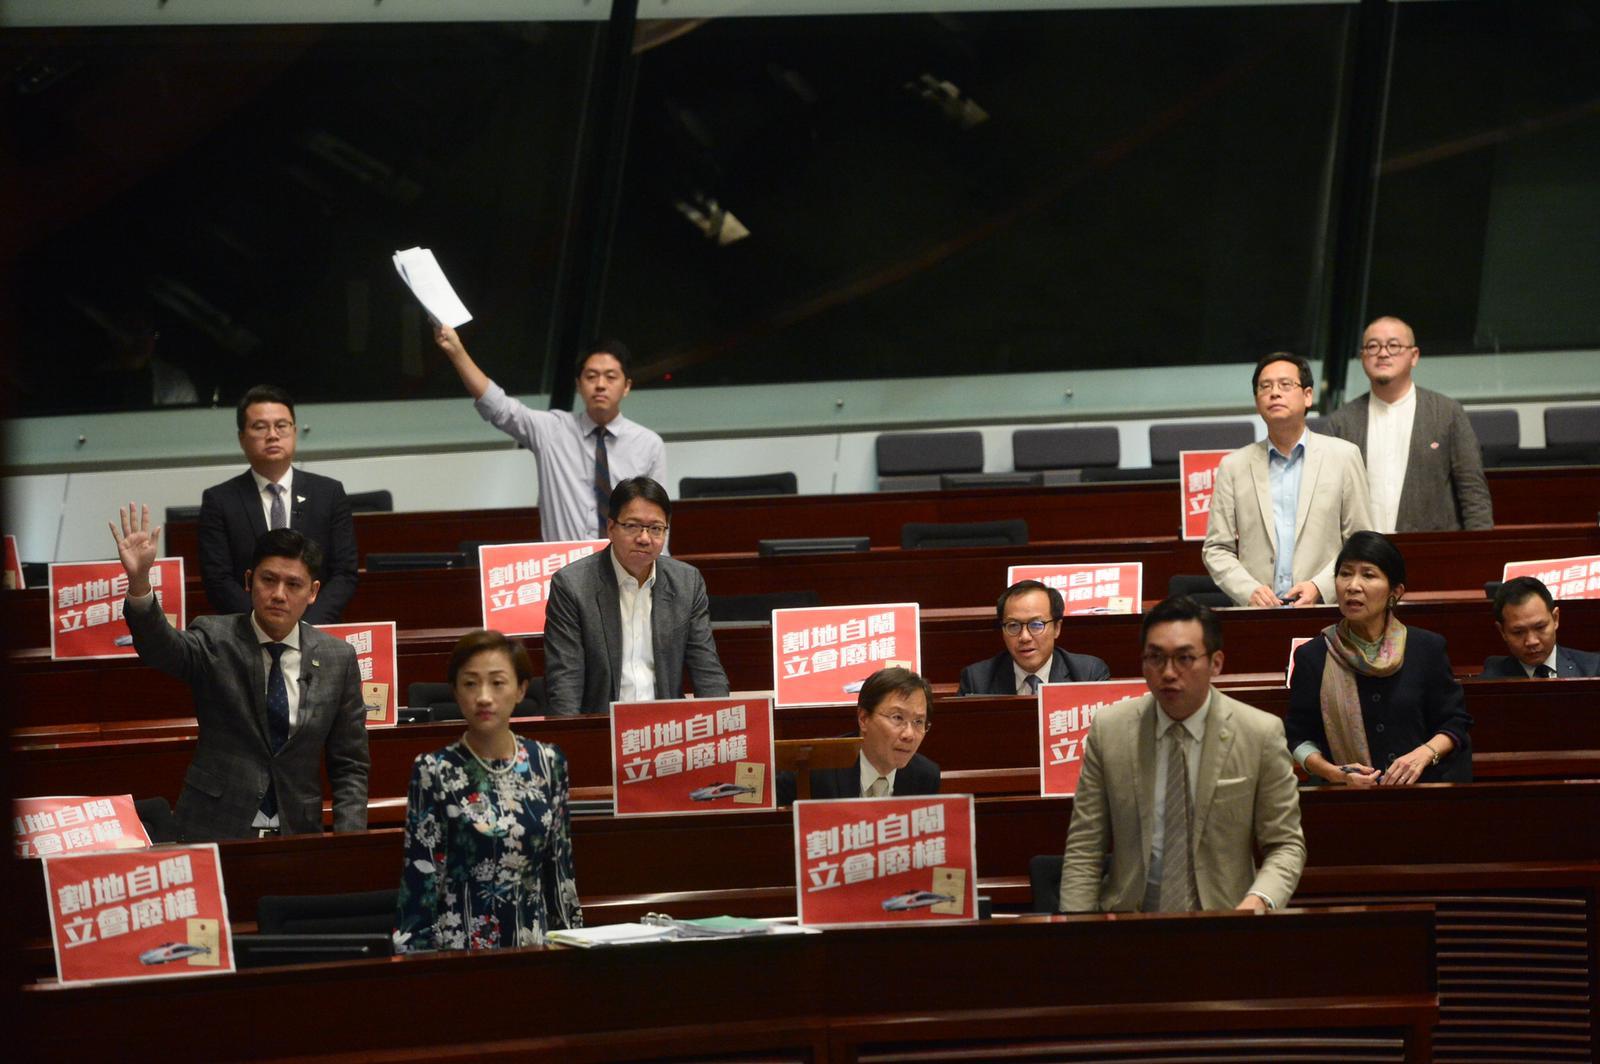 議員朱凱廸抗議被保安抬走